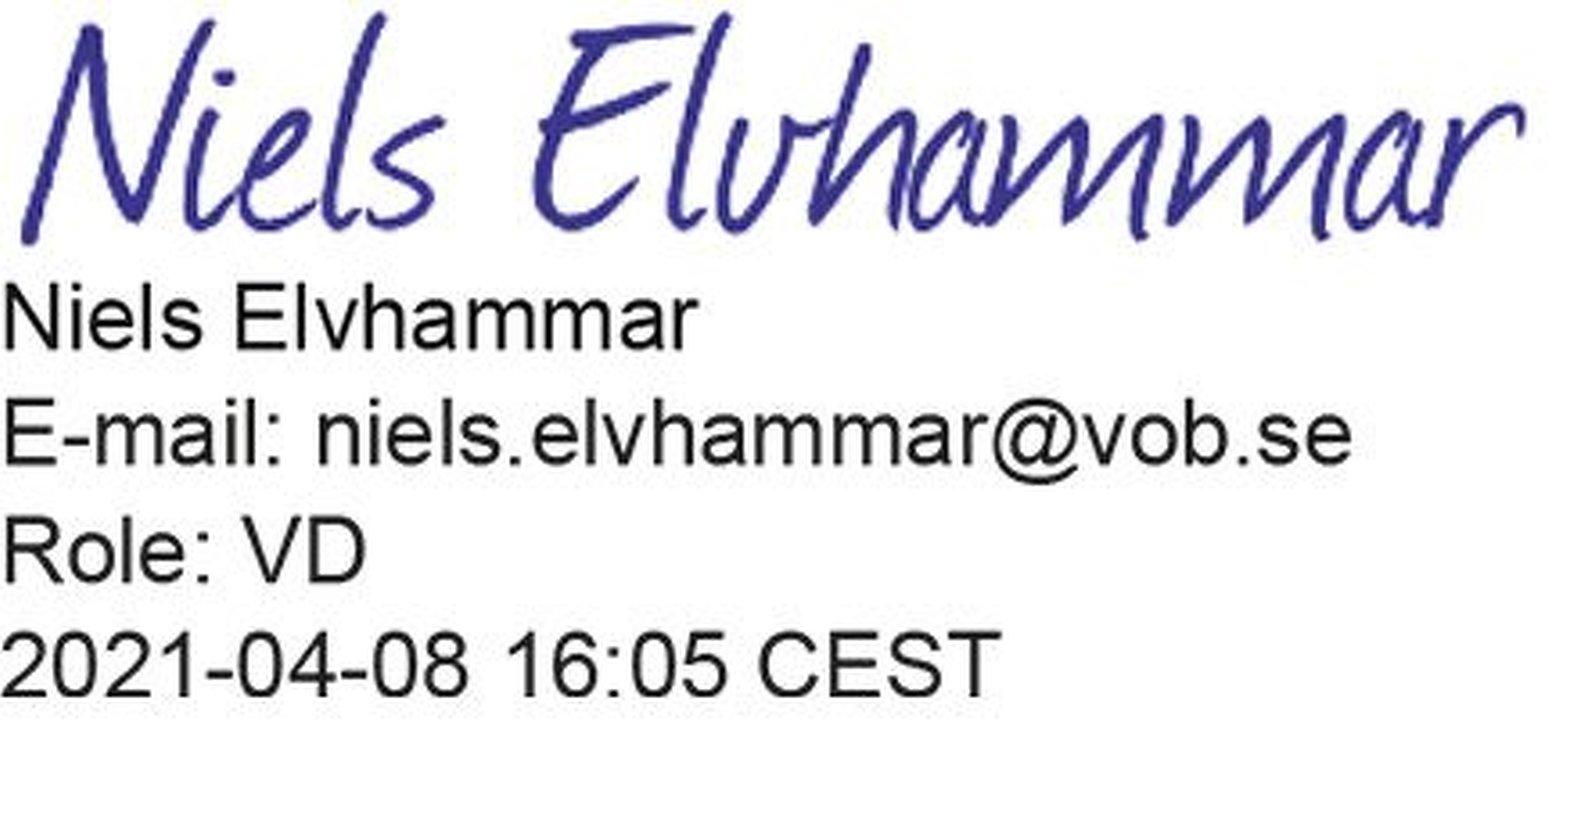 Niels Elvhammar digital signatur